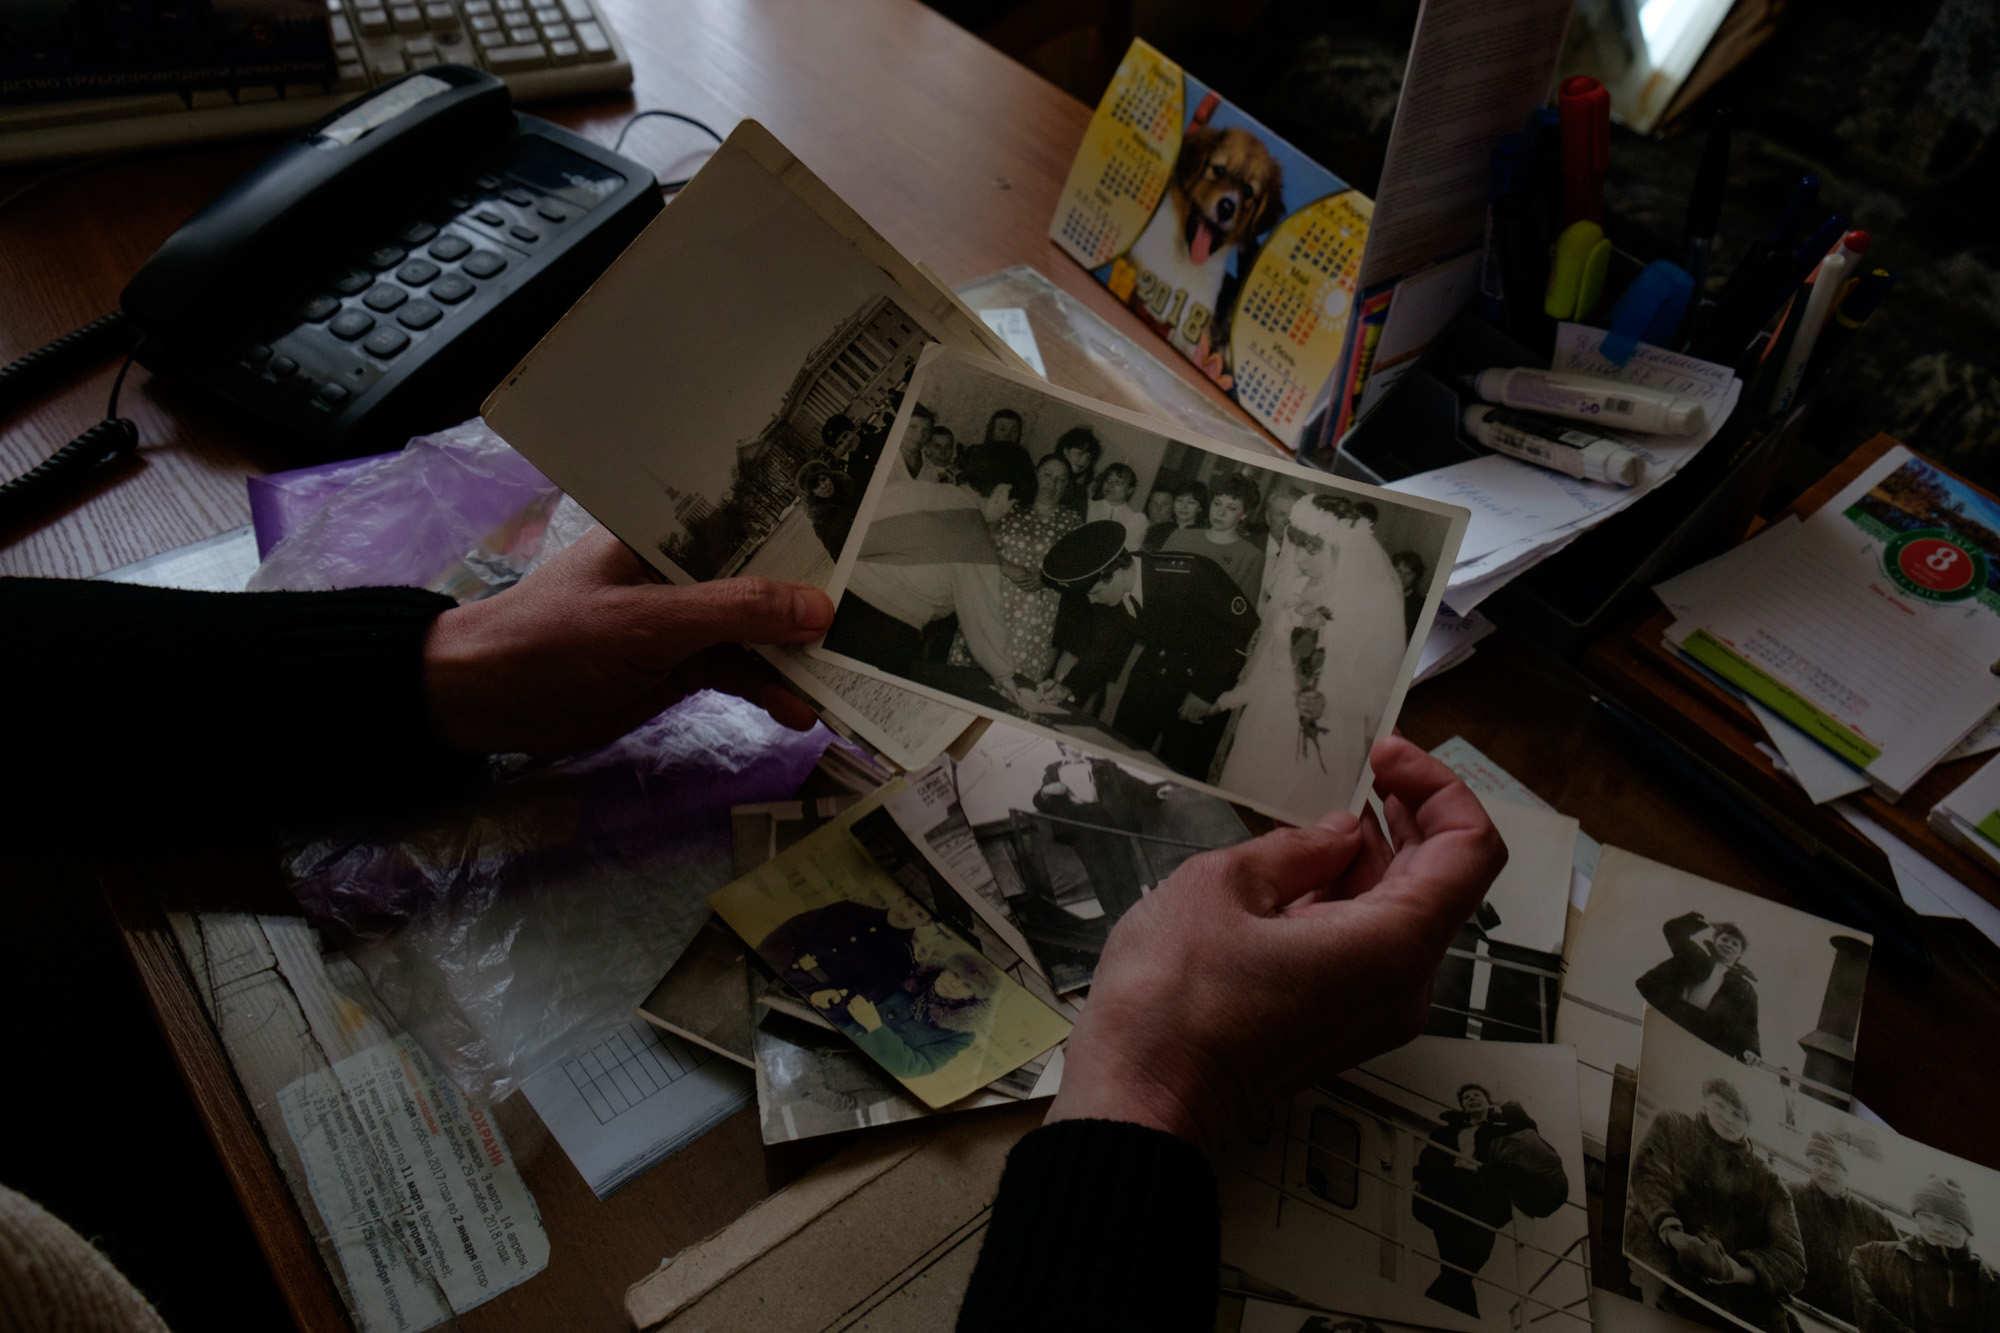 Валентина Кривенкова показывает фотографии со своей свадьбы. Дата росписи — 26 апреля 1986 года.